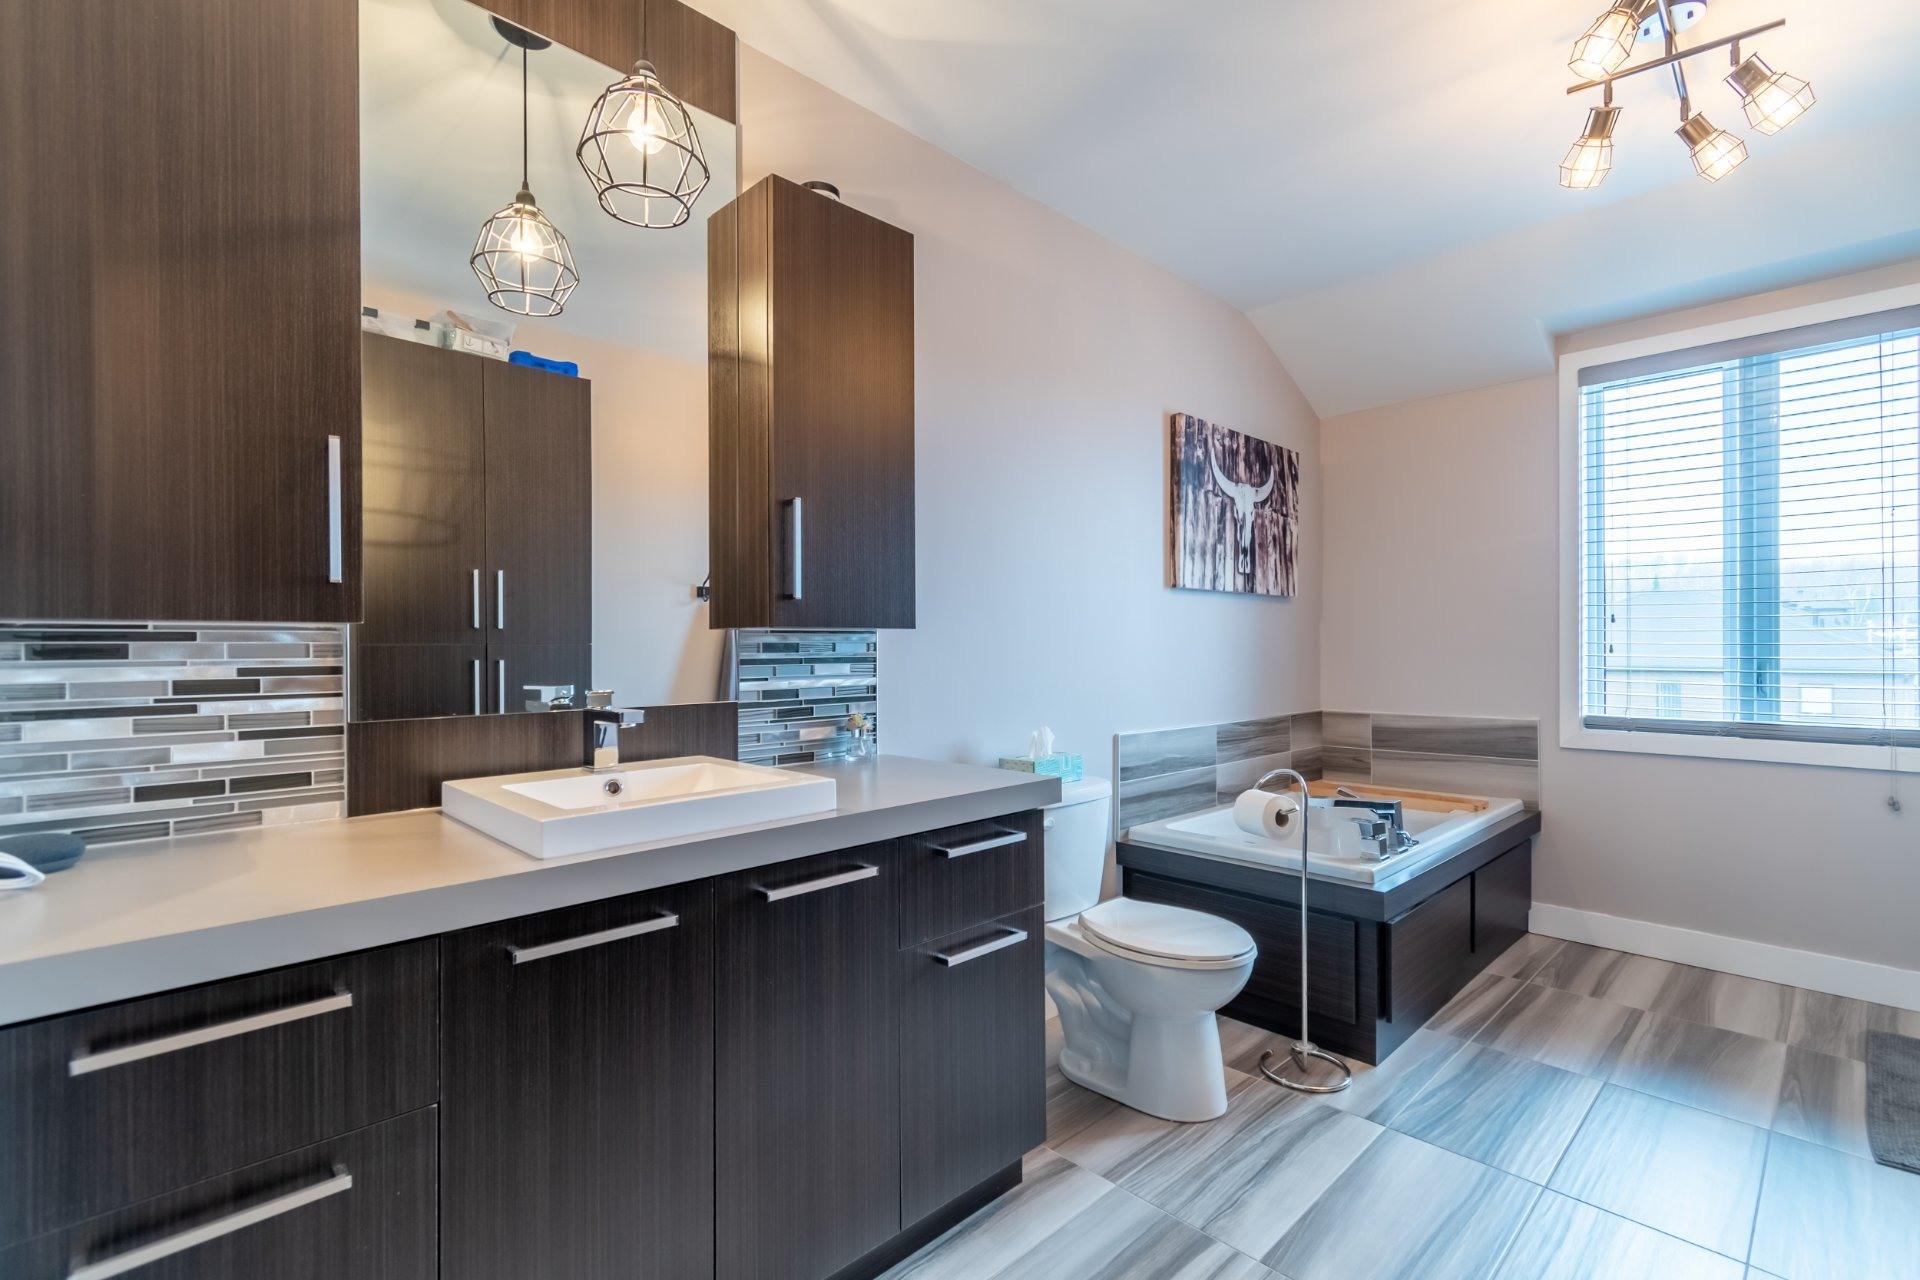 image 18 - House For sale Trois-Rivières - 9 rooms